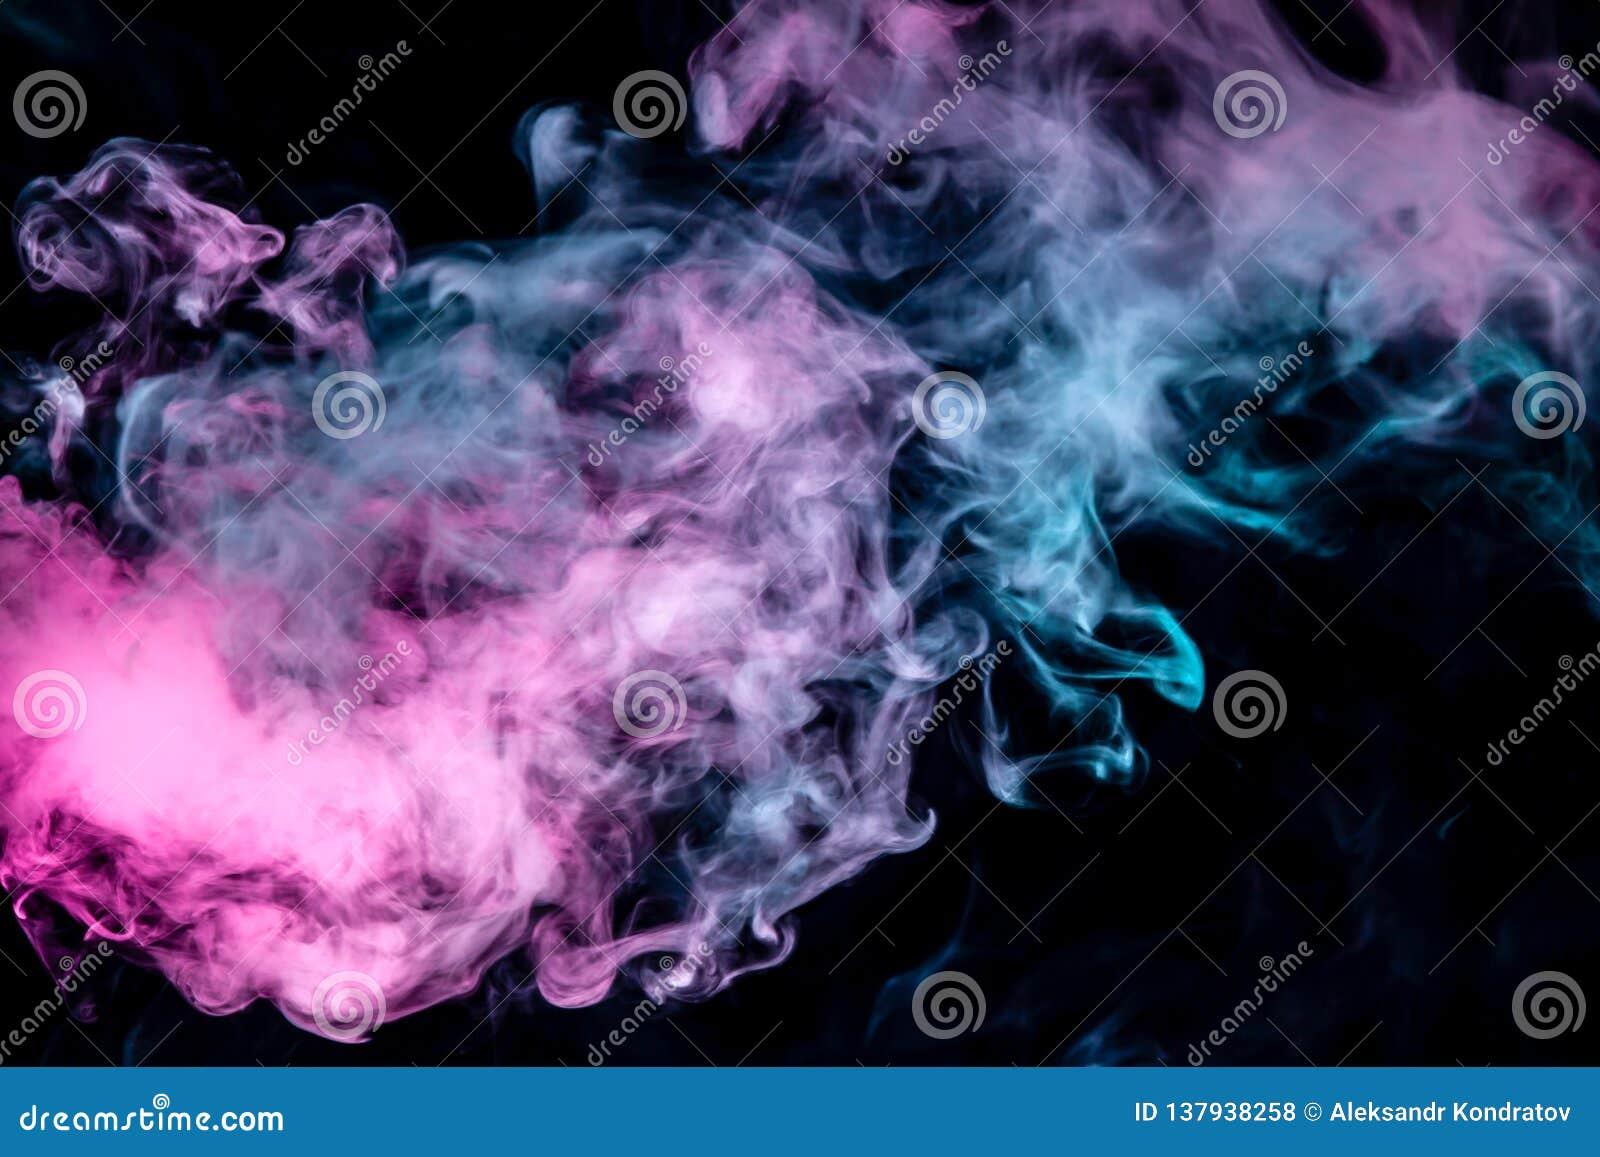 De verspreidende rook op een zwarte achtergrond stroomt regelmatig in het neonlicht van roze viooltje